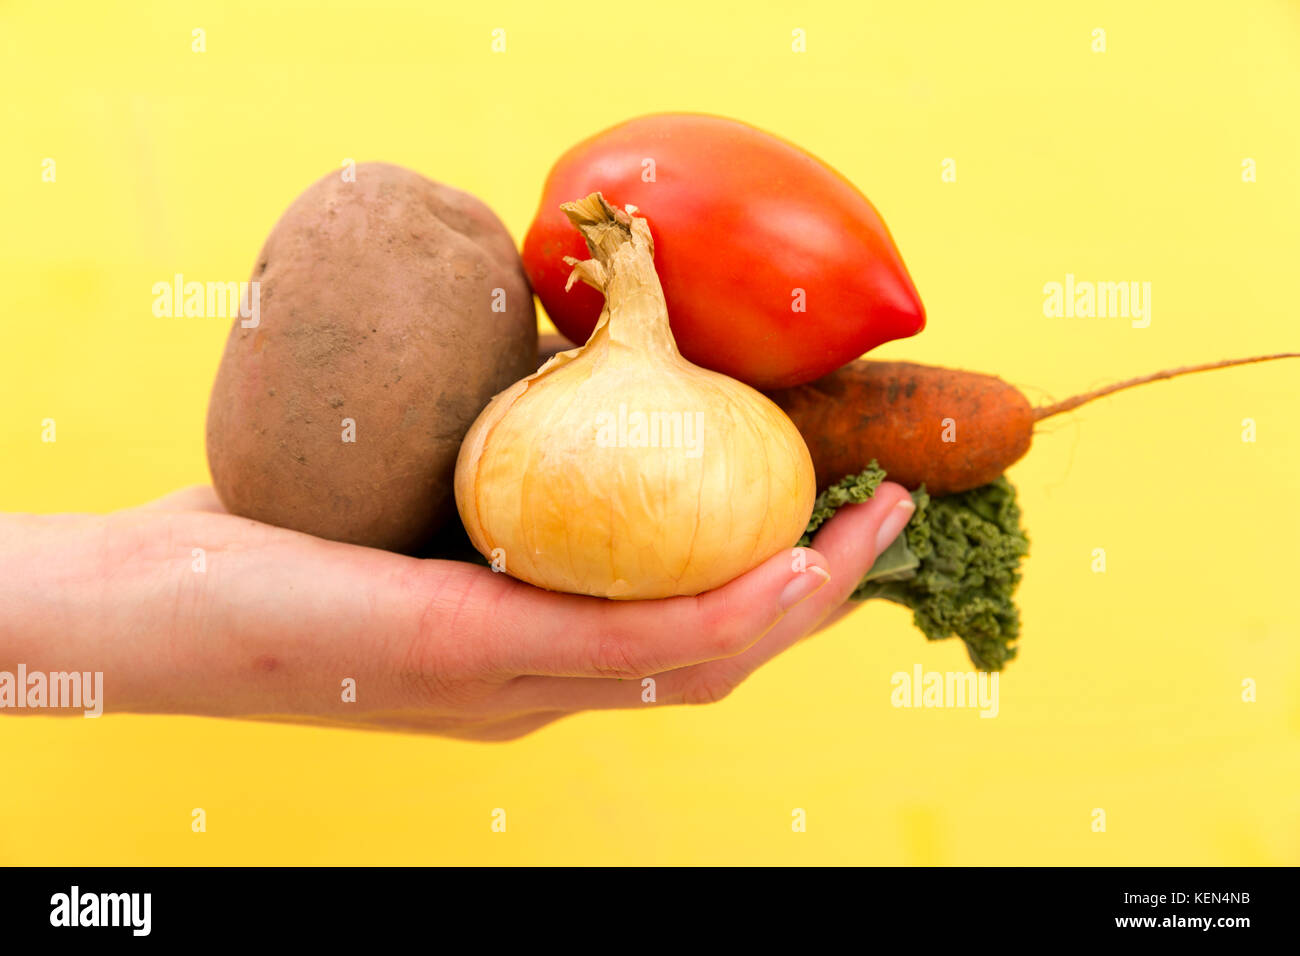 Bio Gemüse.frau Hände mit frisch geernteten Gemüse Karotten, Zwiebeln, grünen, Kartoffel Stockbild